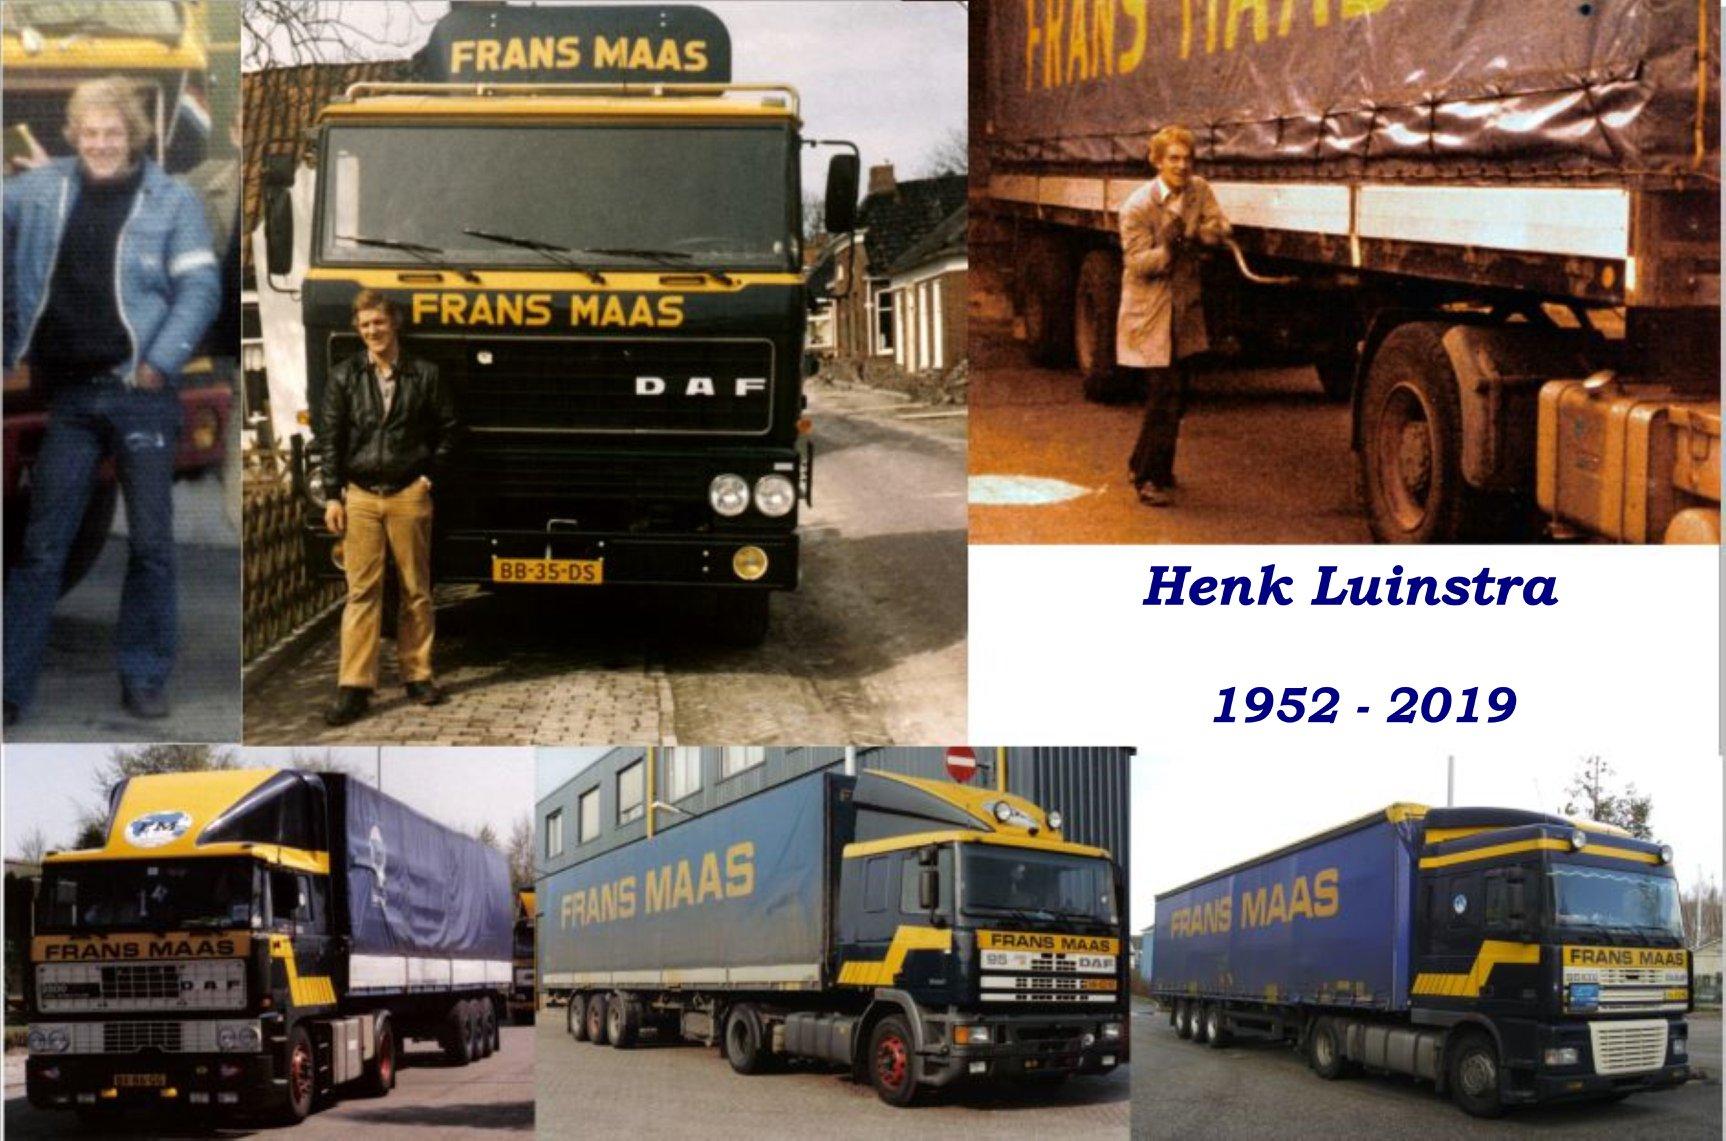 Henk-Luinstra--chauffeur-bij-Frans-Maas-Groningen--Overleden-26-november-2019--op-de-leeftijd-van-67-jaar